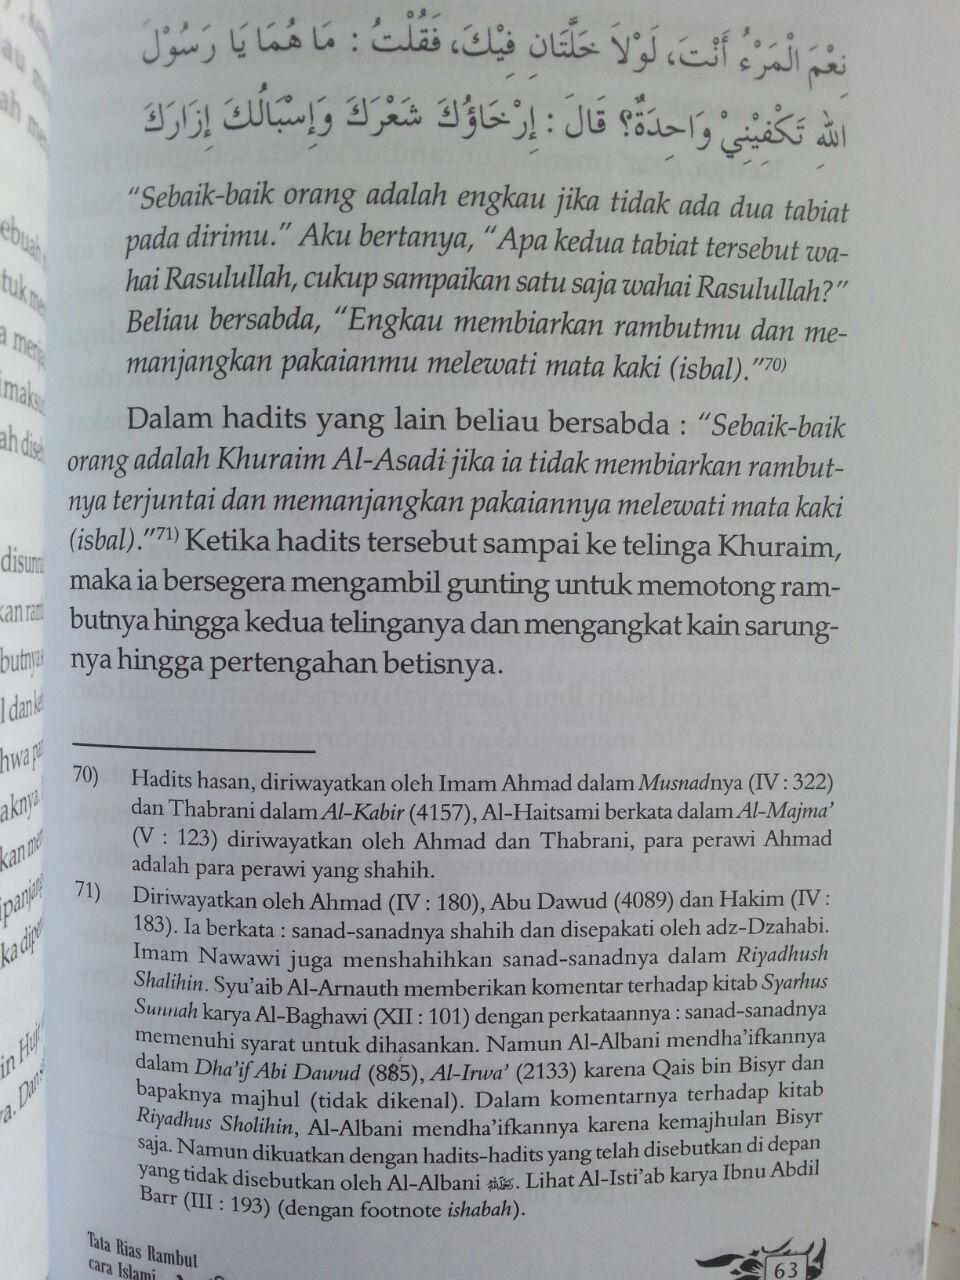 Buku Tata Rias Rambut Cara Islam isi 3